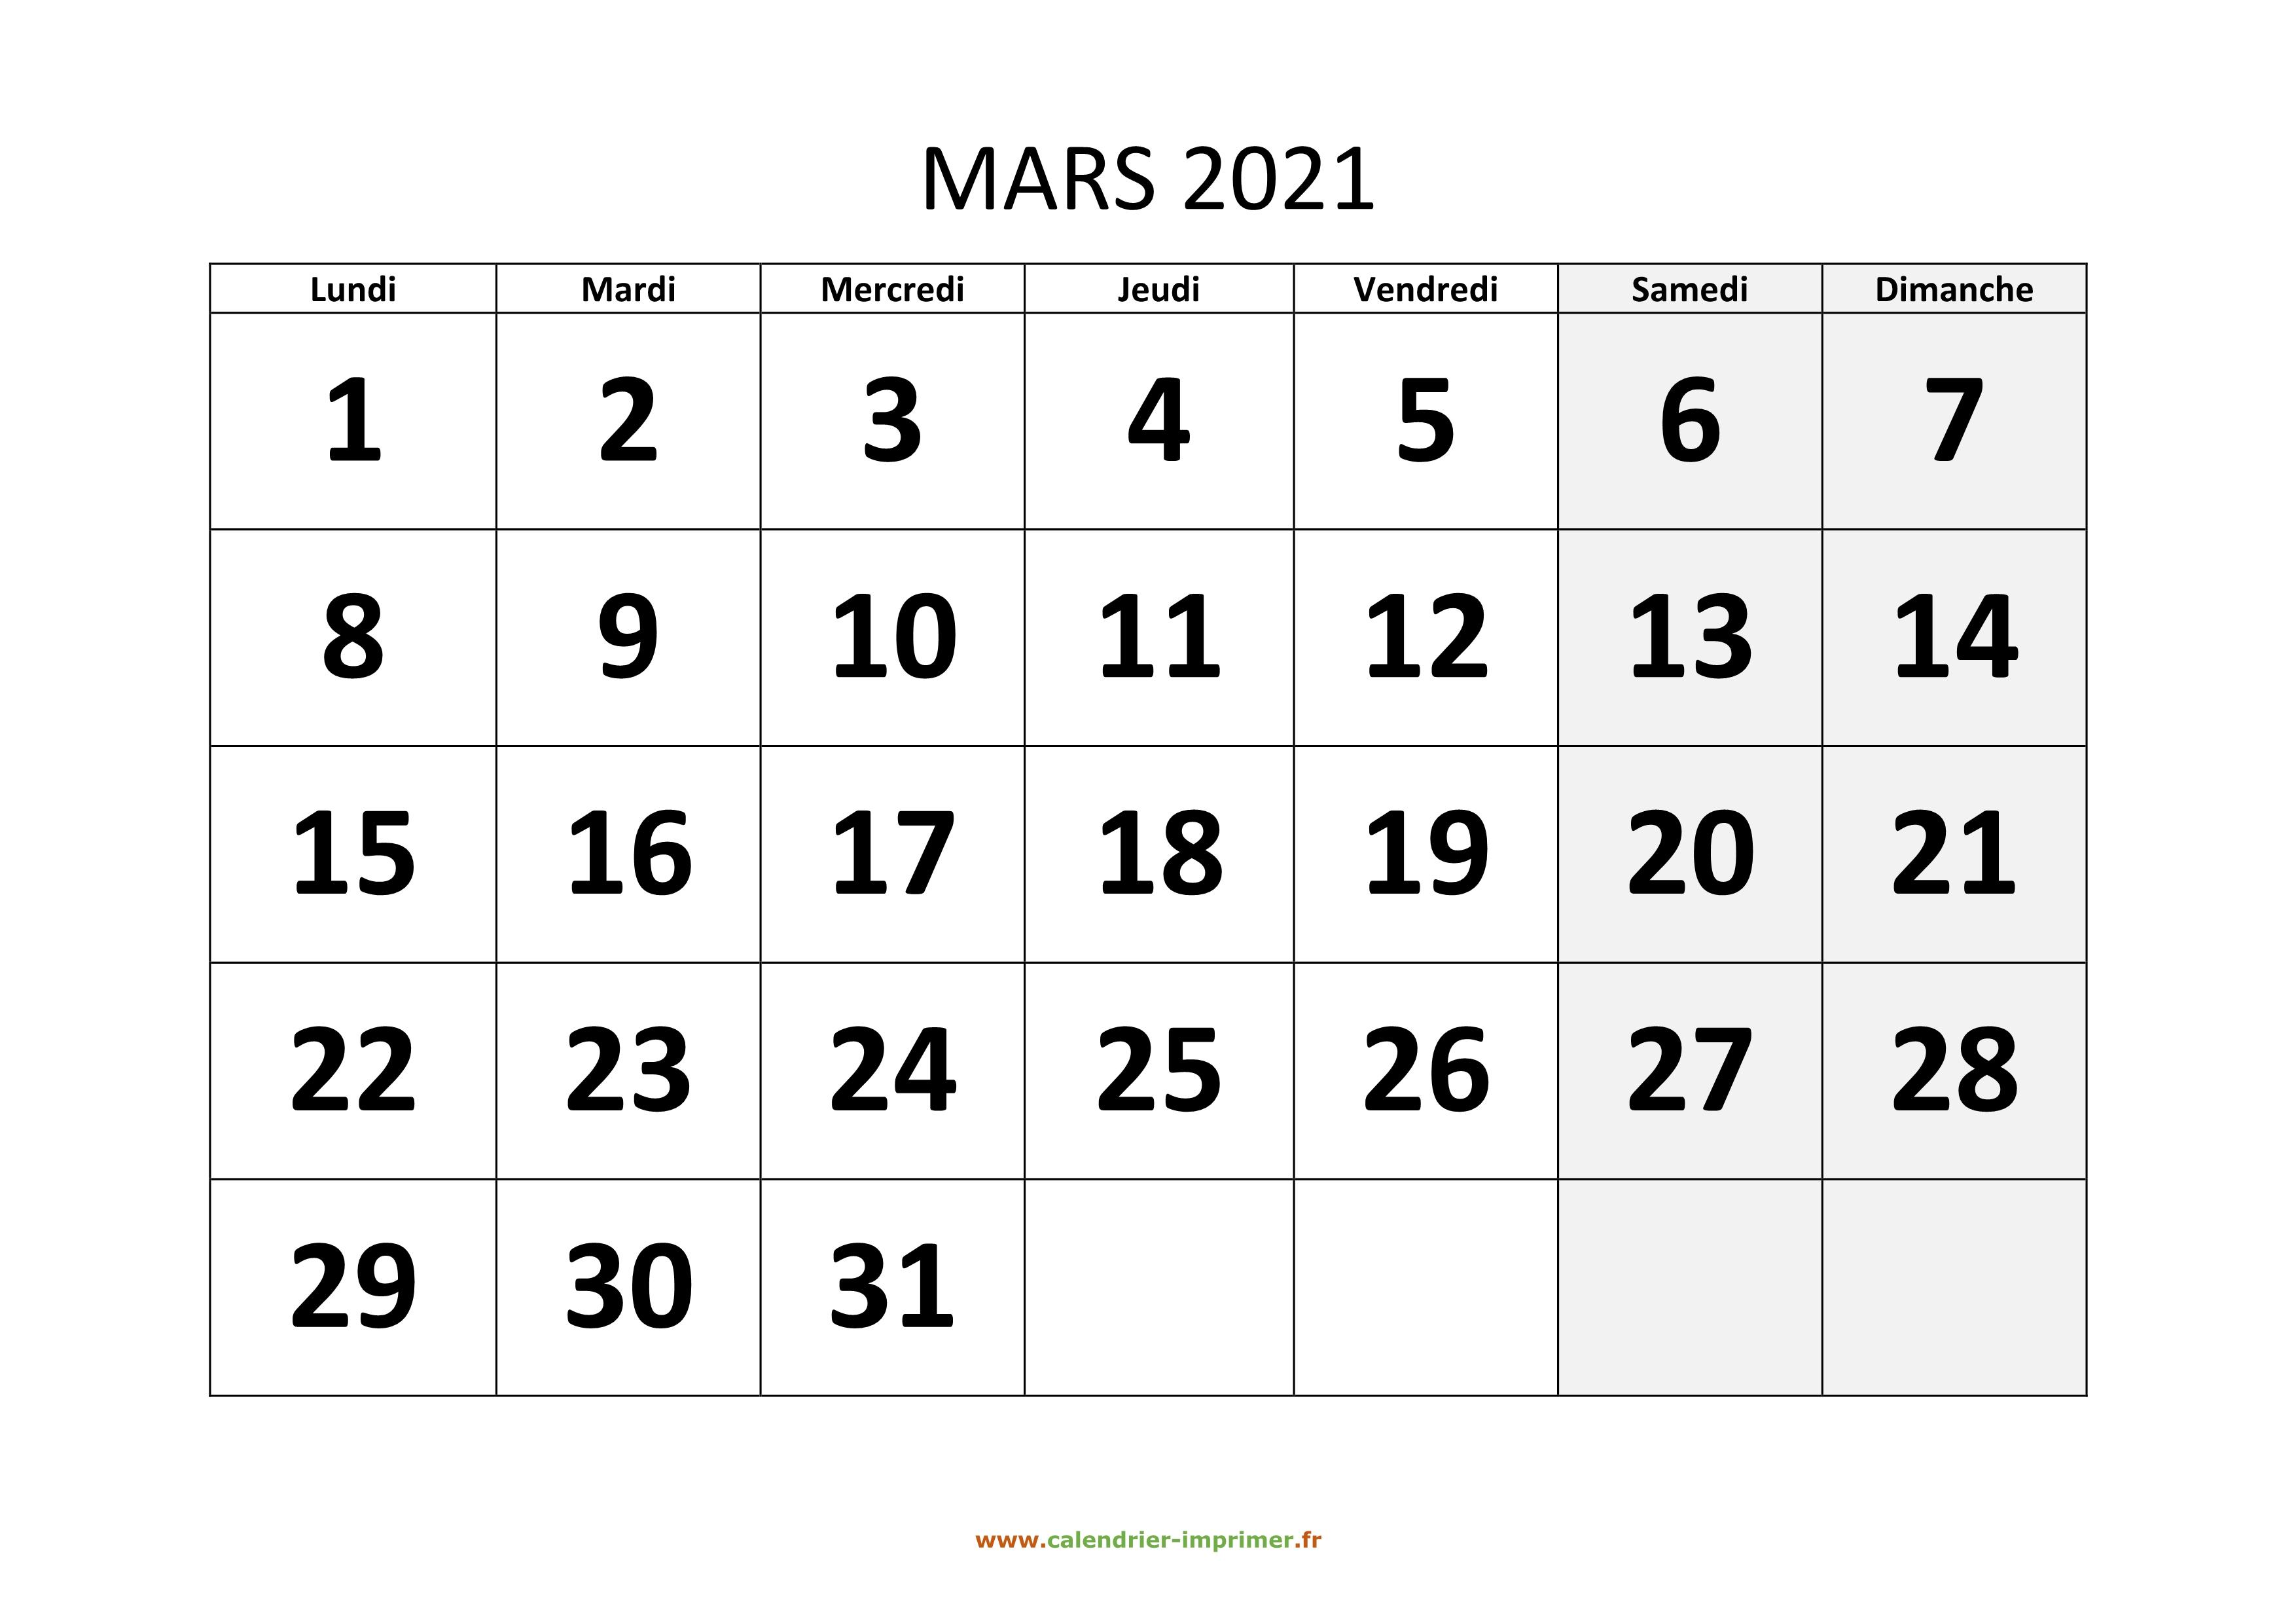 Calendrier Mars 2021 Calendrier Mars 2021 à imprimer